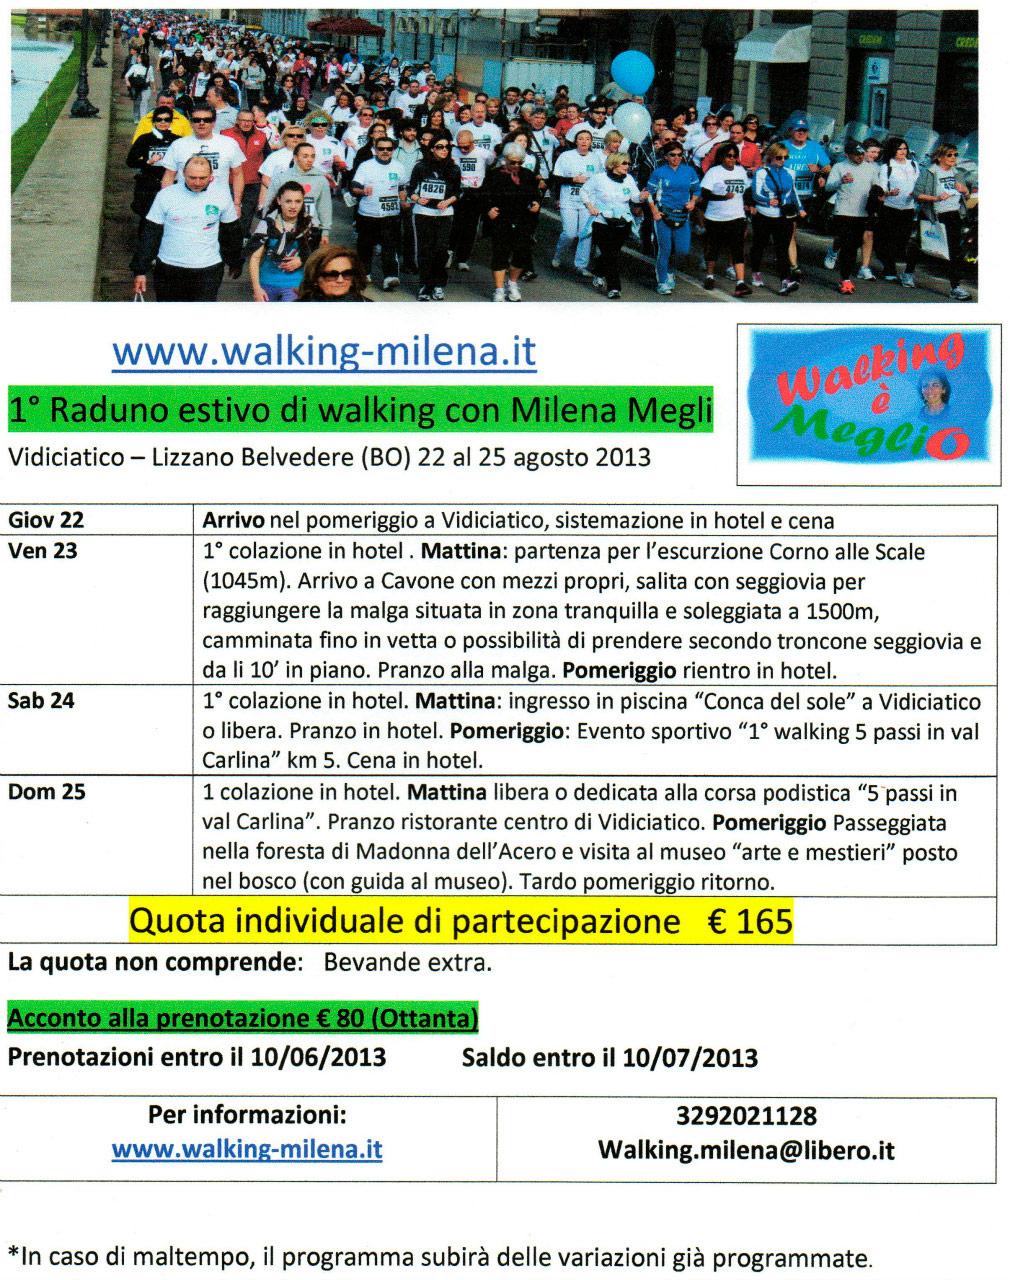 1° raduno di walking con Milena Megli